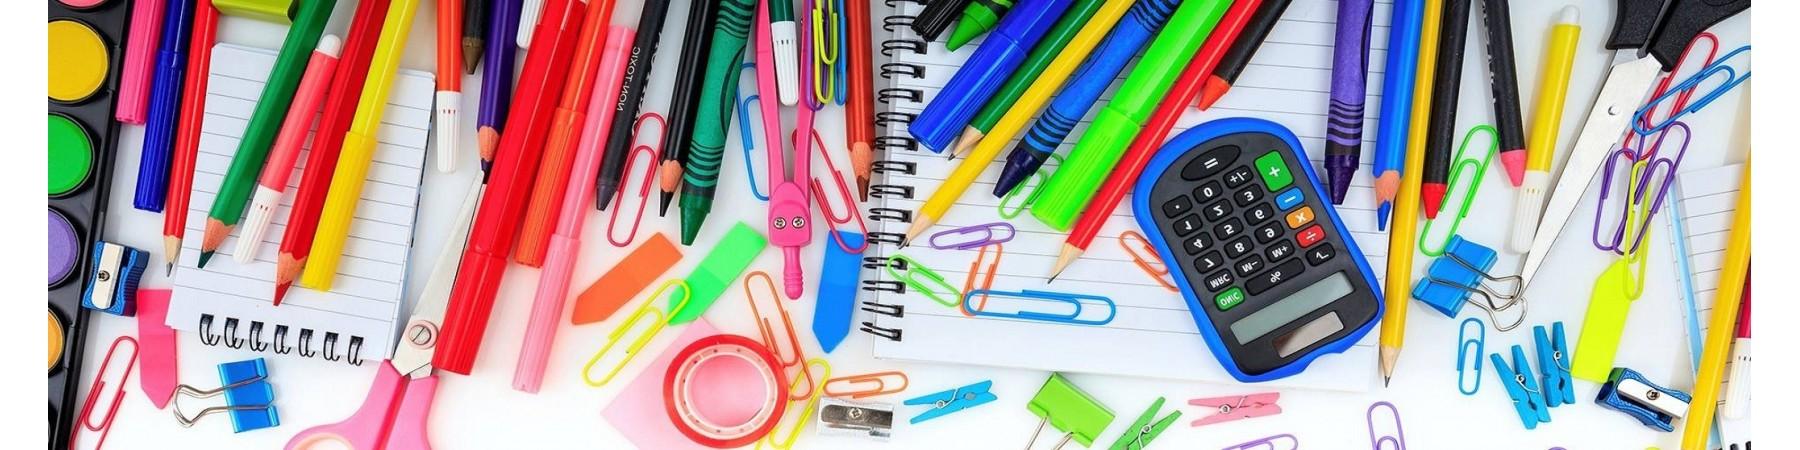 Đồ dùng,thiết bị,dụng cụ học tập ở nhà,trường,lớp cho trẻ em,học sinh